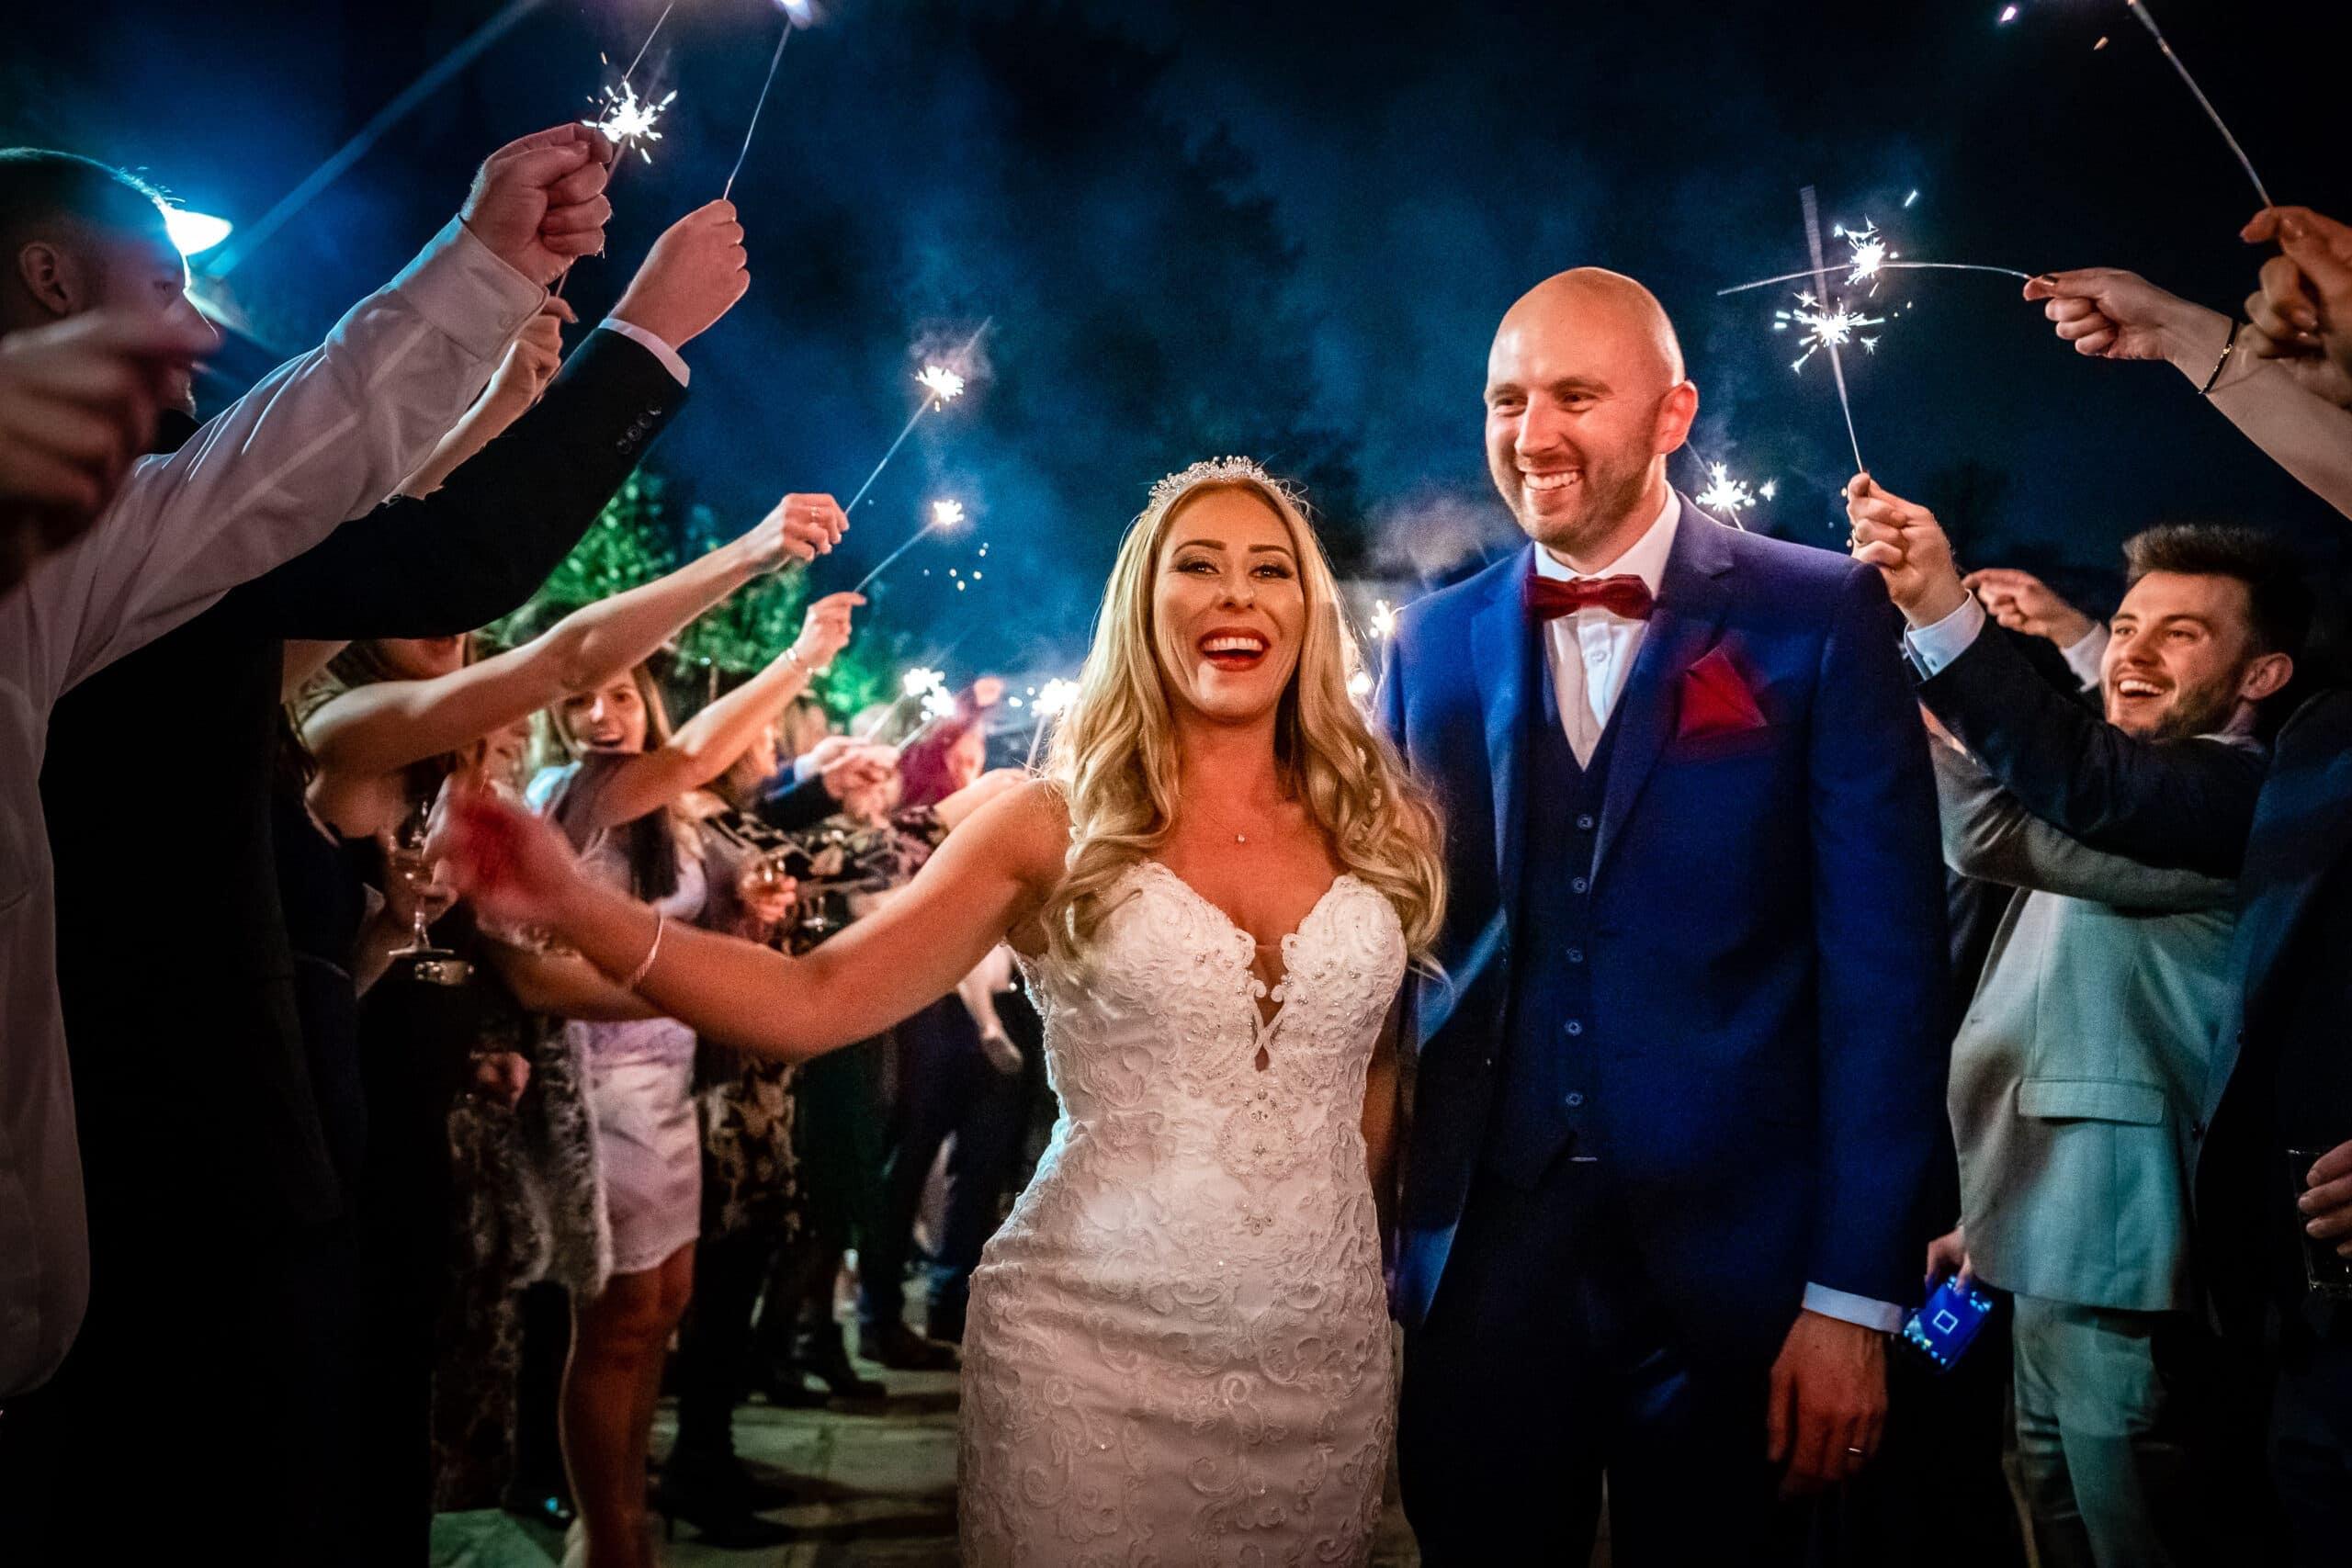 Hampshire Wedding Photographer 9952 3600 scaled